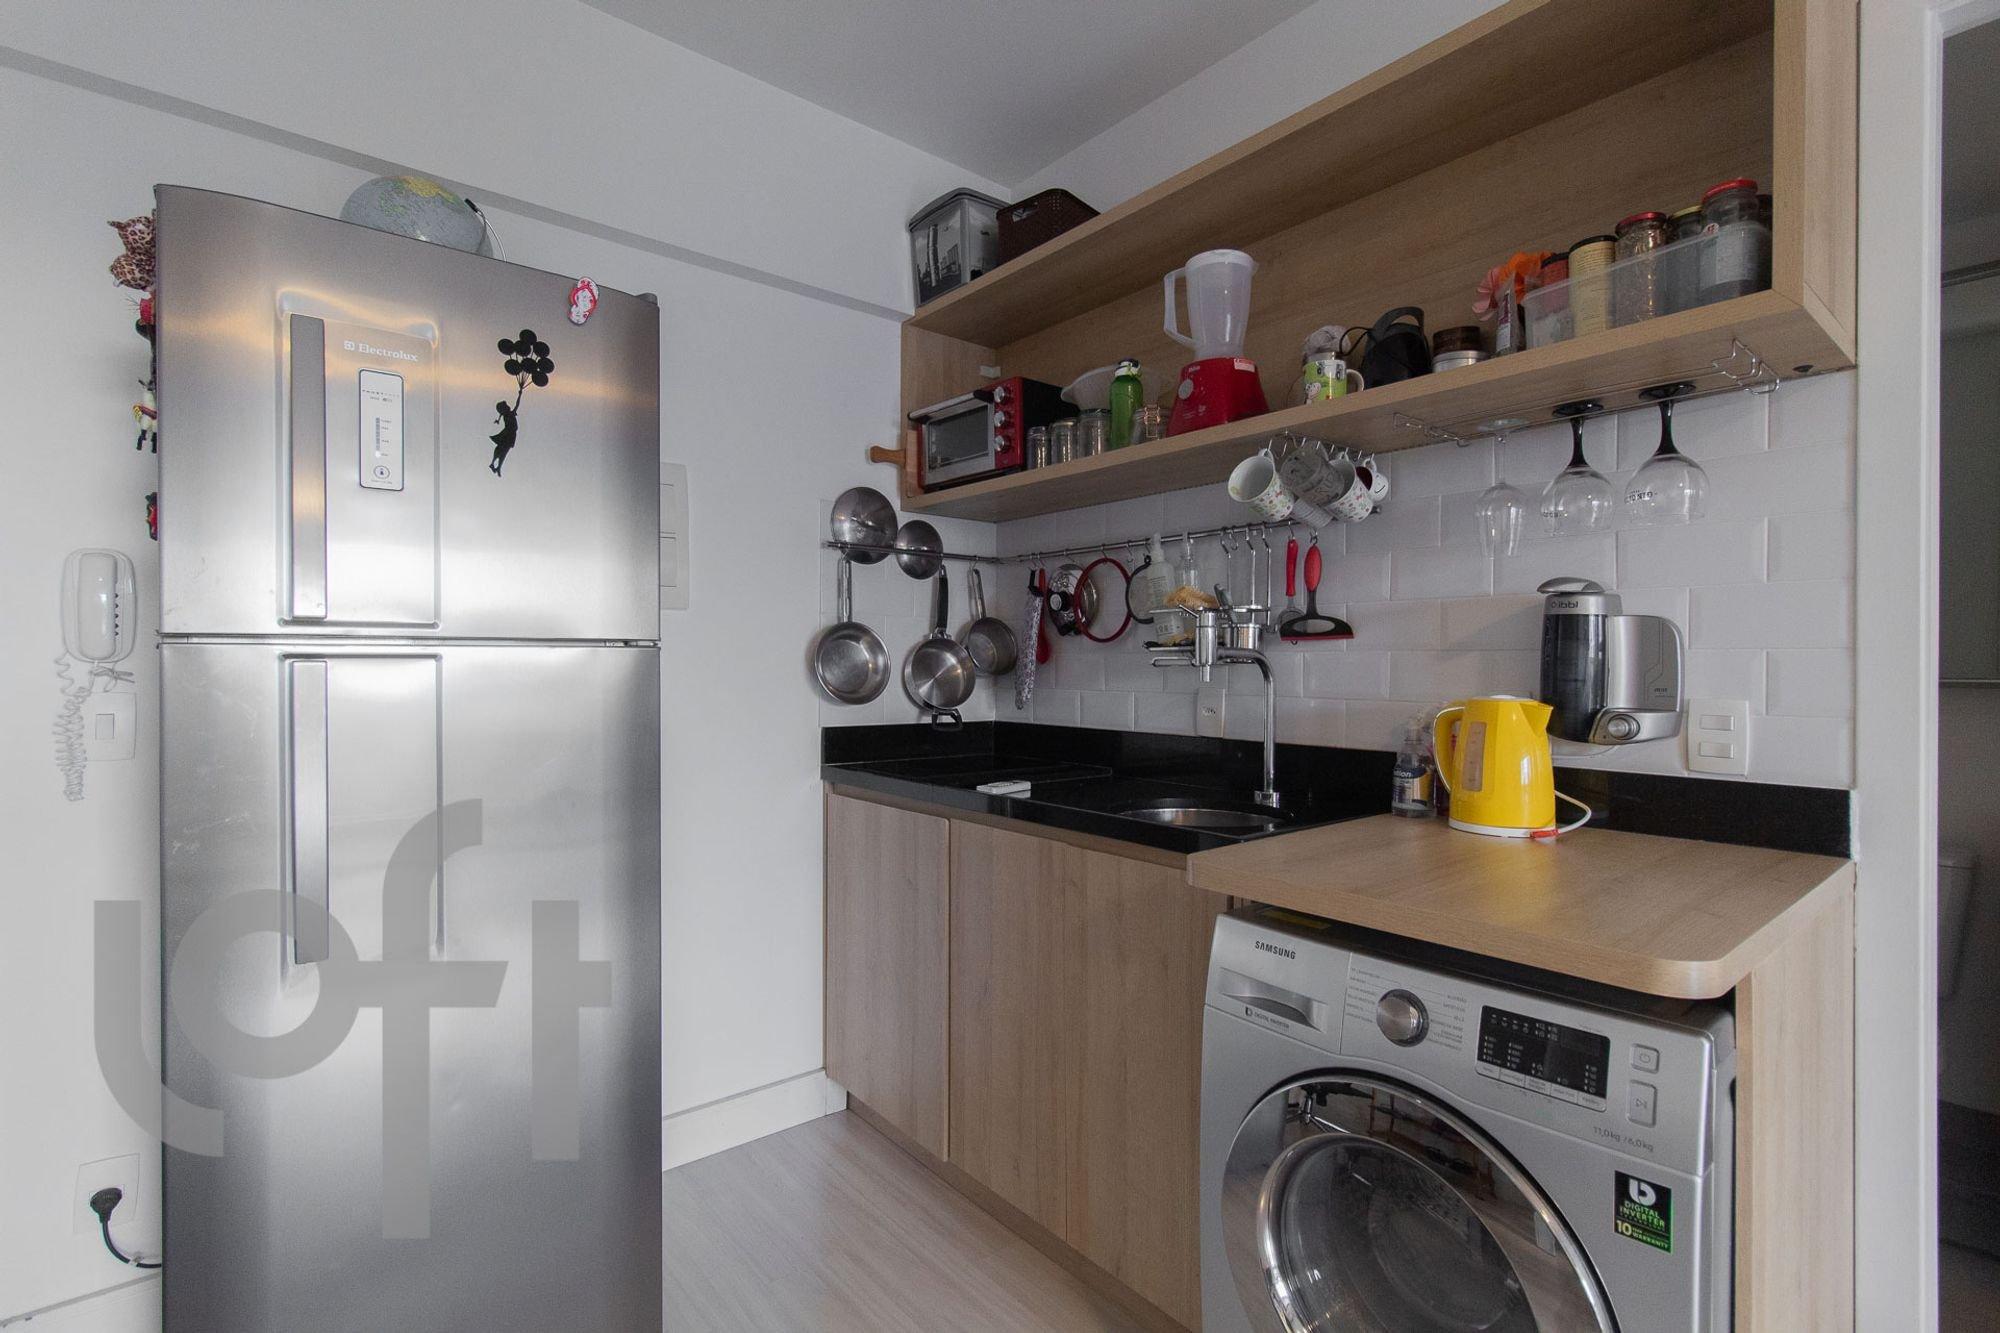 Foto de Cozinha com copo de vinho, garrafa, geladeira, pia